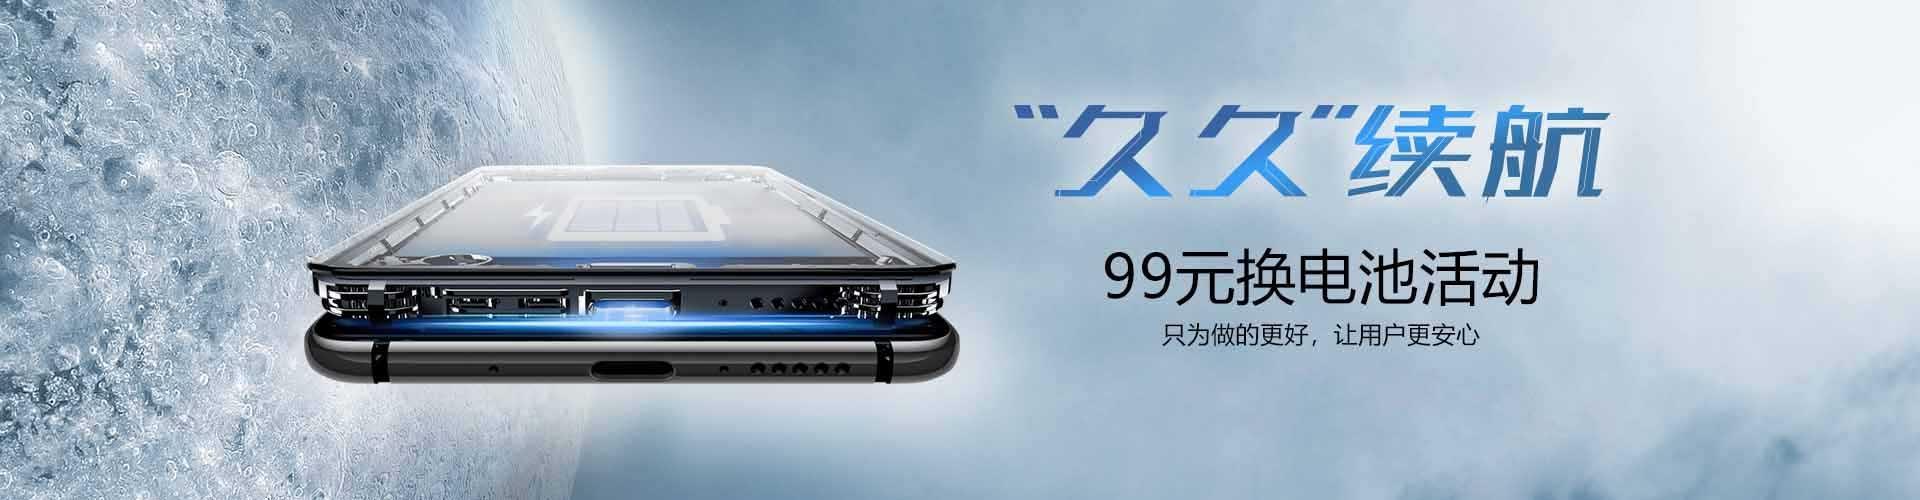 华为补贴59款机型:推出99元一口价换原装电池活动的照片 - 2